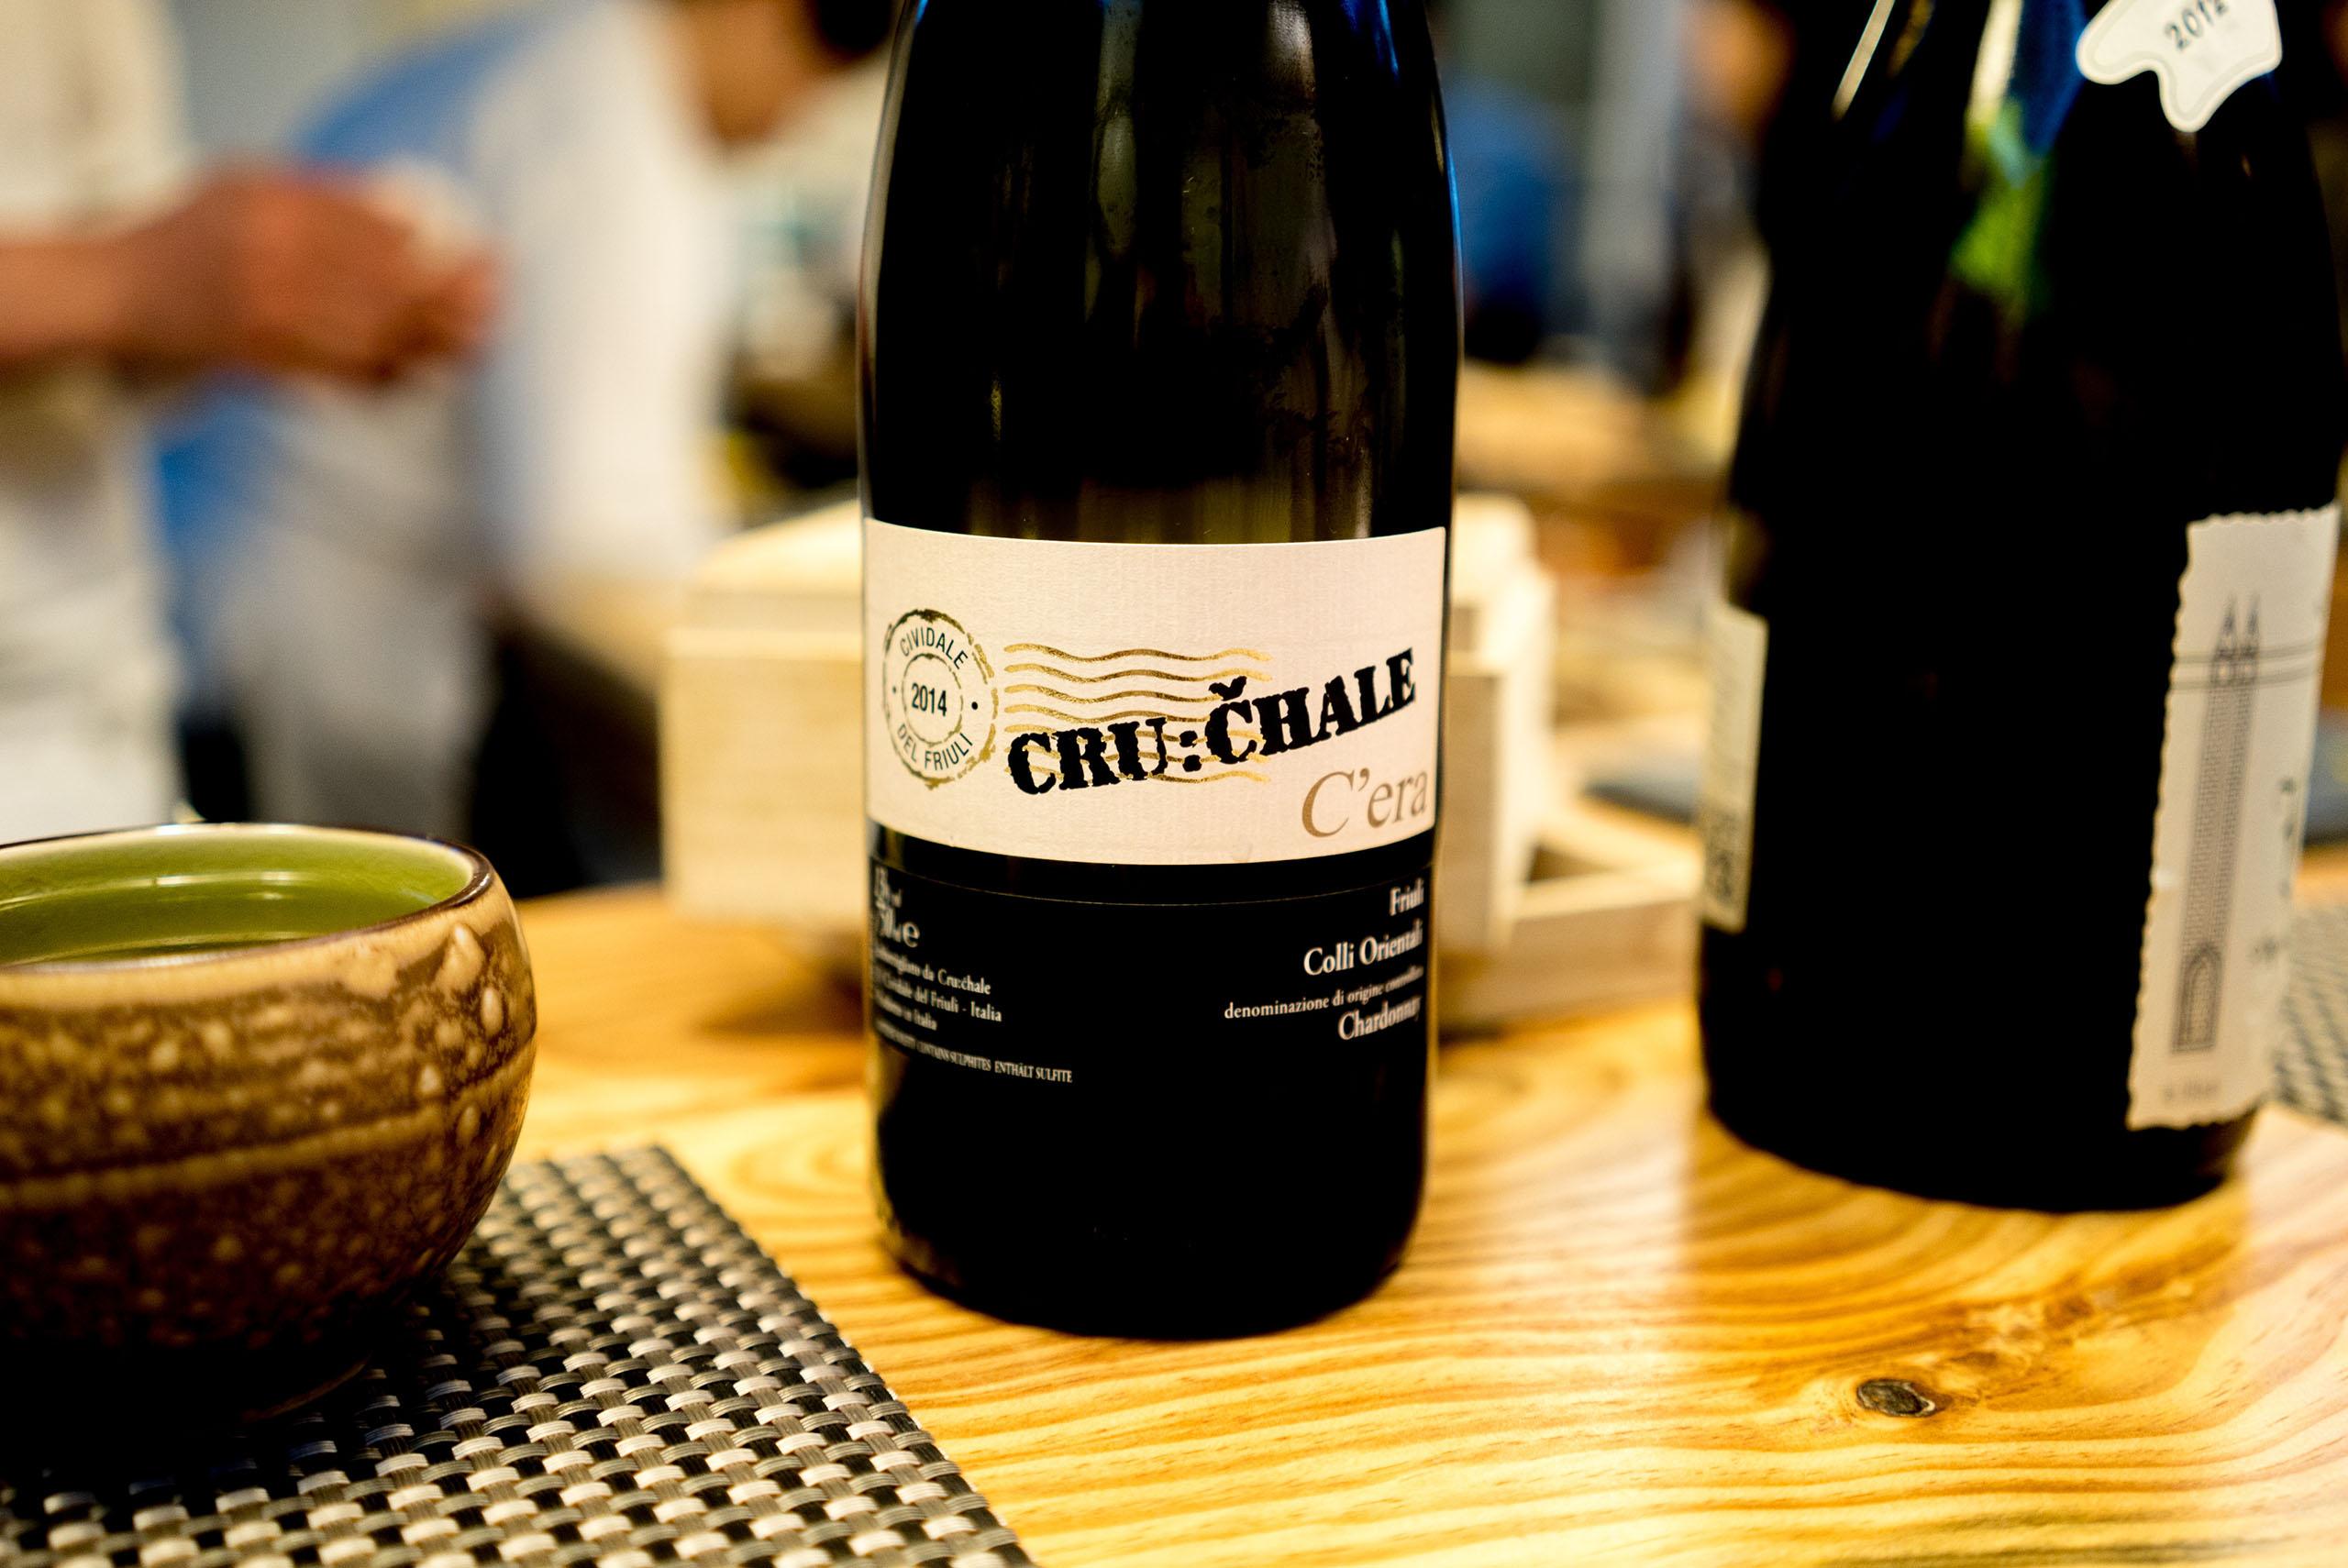 Cru:Chale Chardonnay C'era 2014